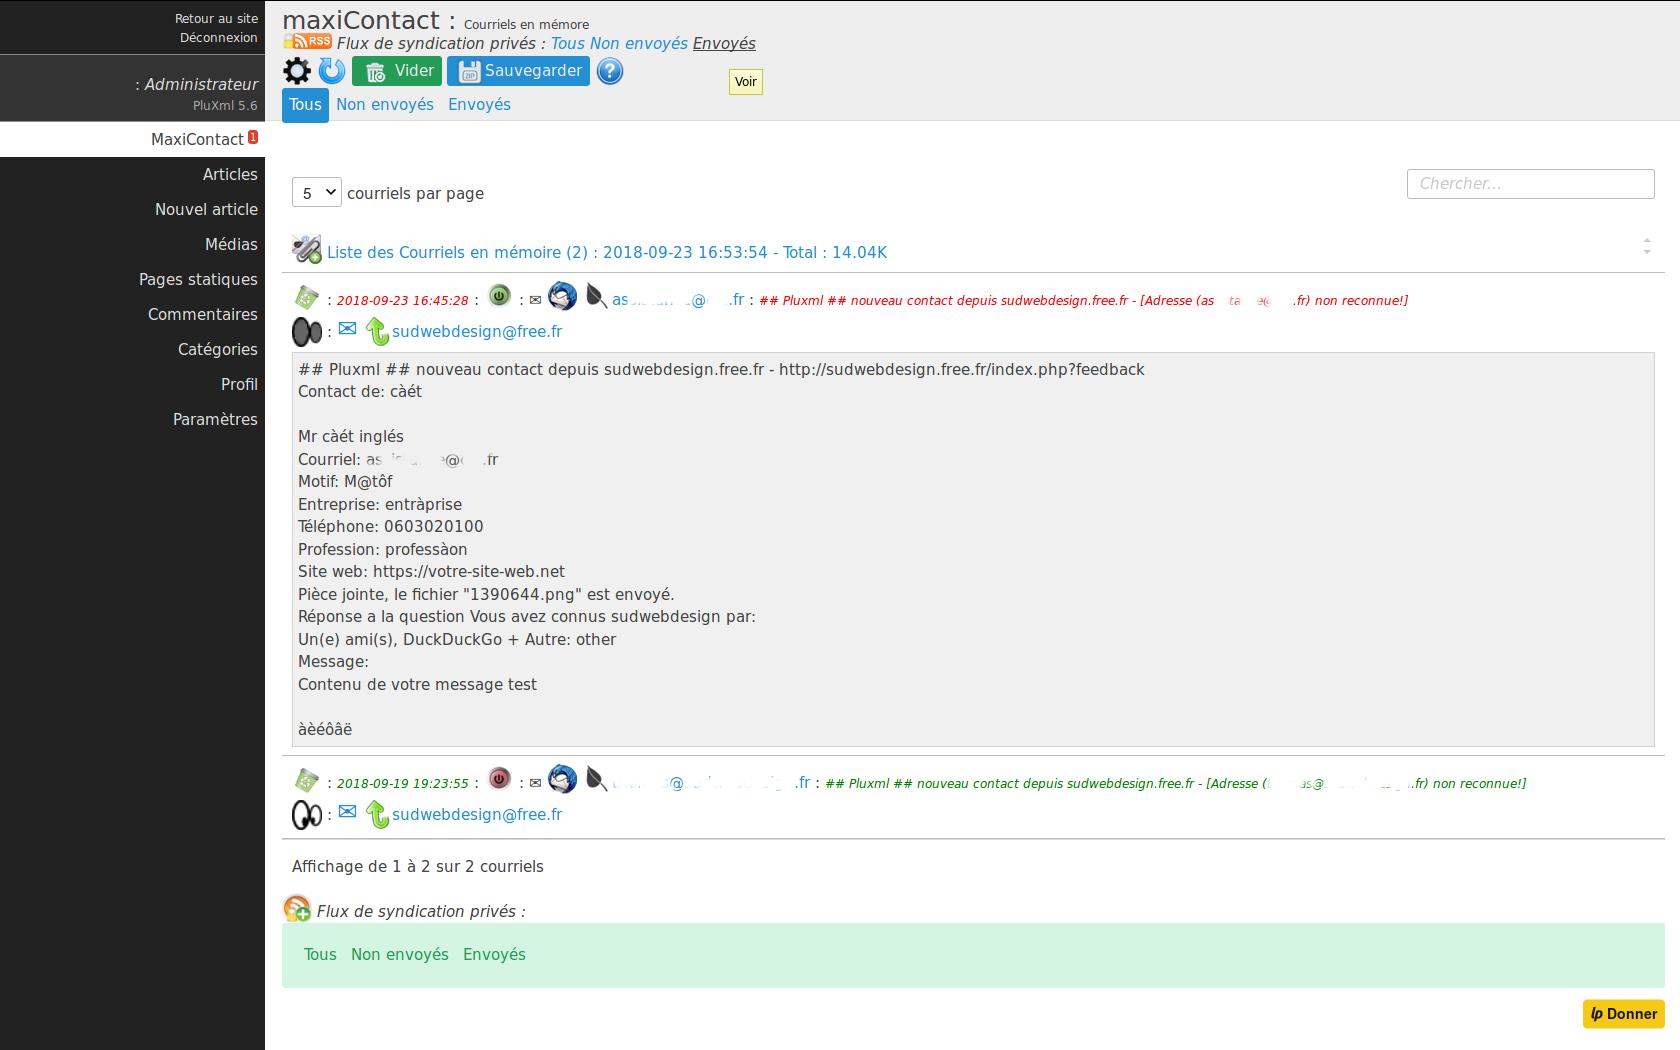 Admin des courriels de MaxiContact